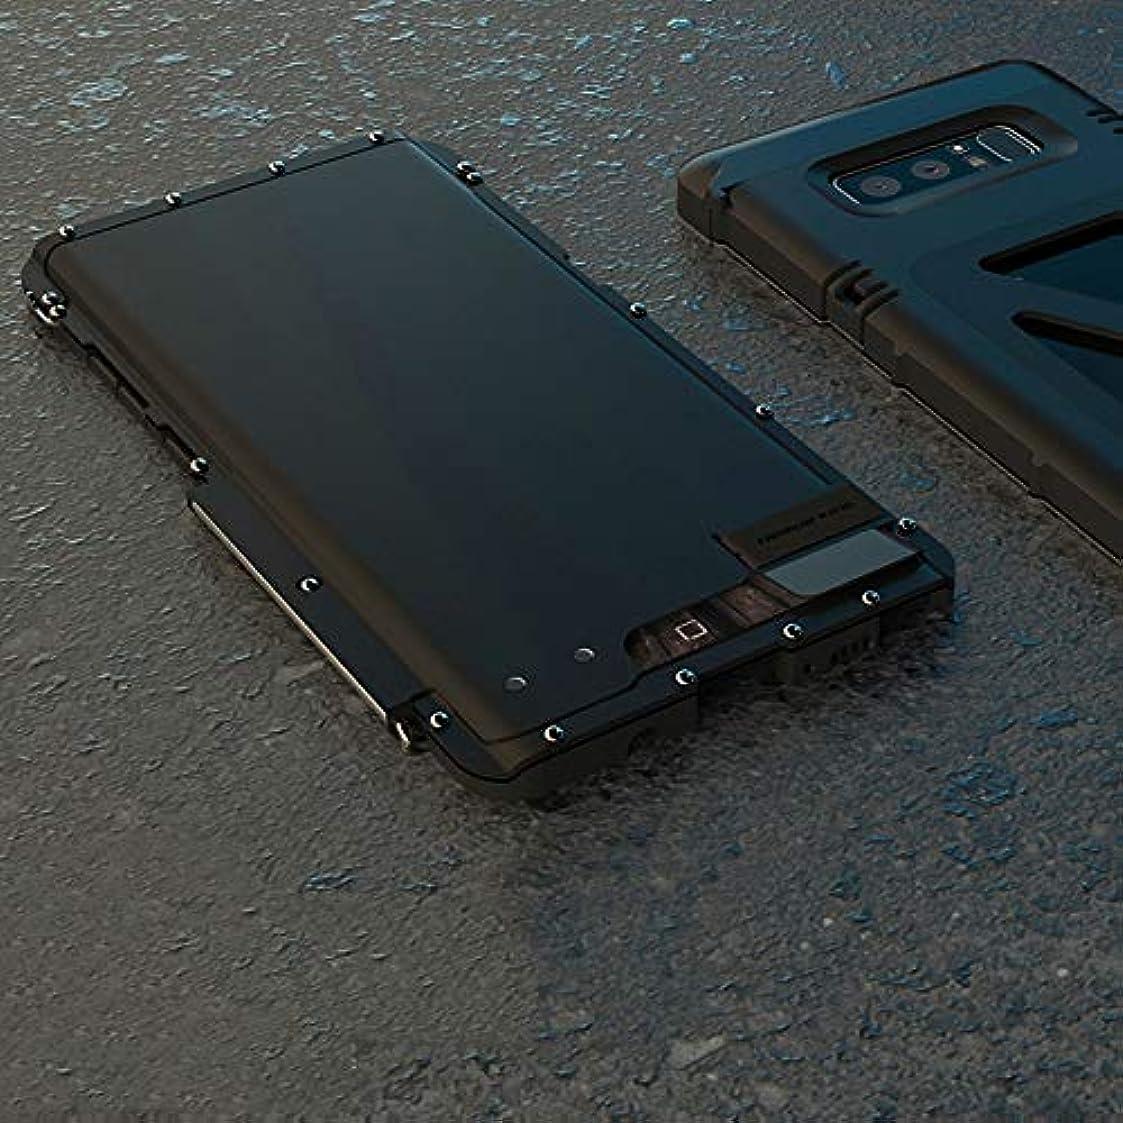 変化するエンドテーブルバルブTonglilili サムスン注8、注FE、注2、注3、注4、注5用ブラケット携帯電話シェル飛散防止クリエイティブスリーインワンメタルフリップアイアンマン保護携帯電話シェル電話ケース (Color : 黒, Edition : Note4)